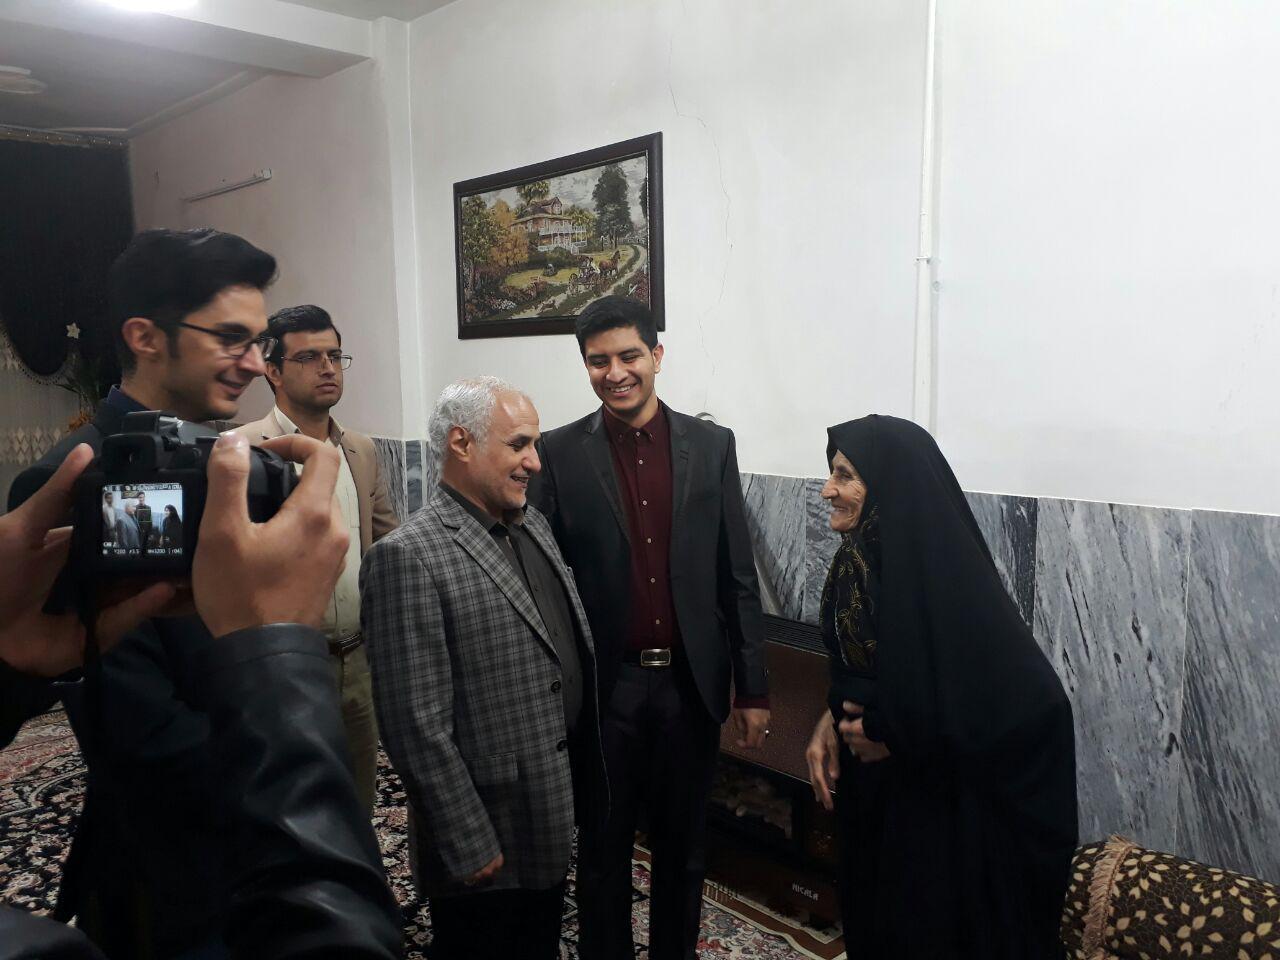 دیدار استاد عباسی با مادر شهید در شهر صحنه استان کرمانشاه